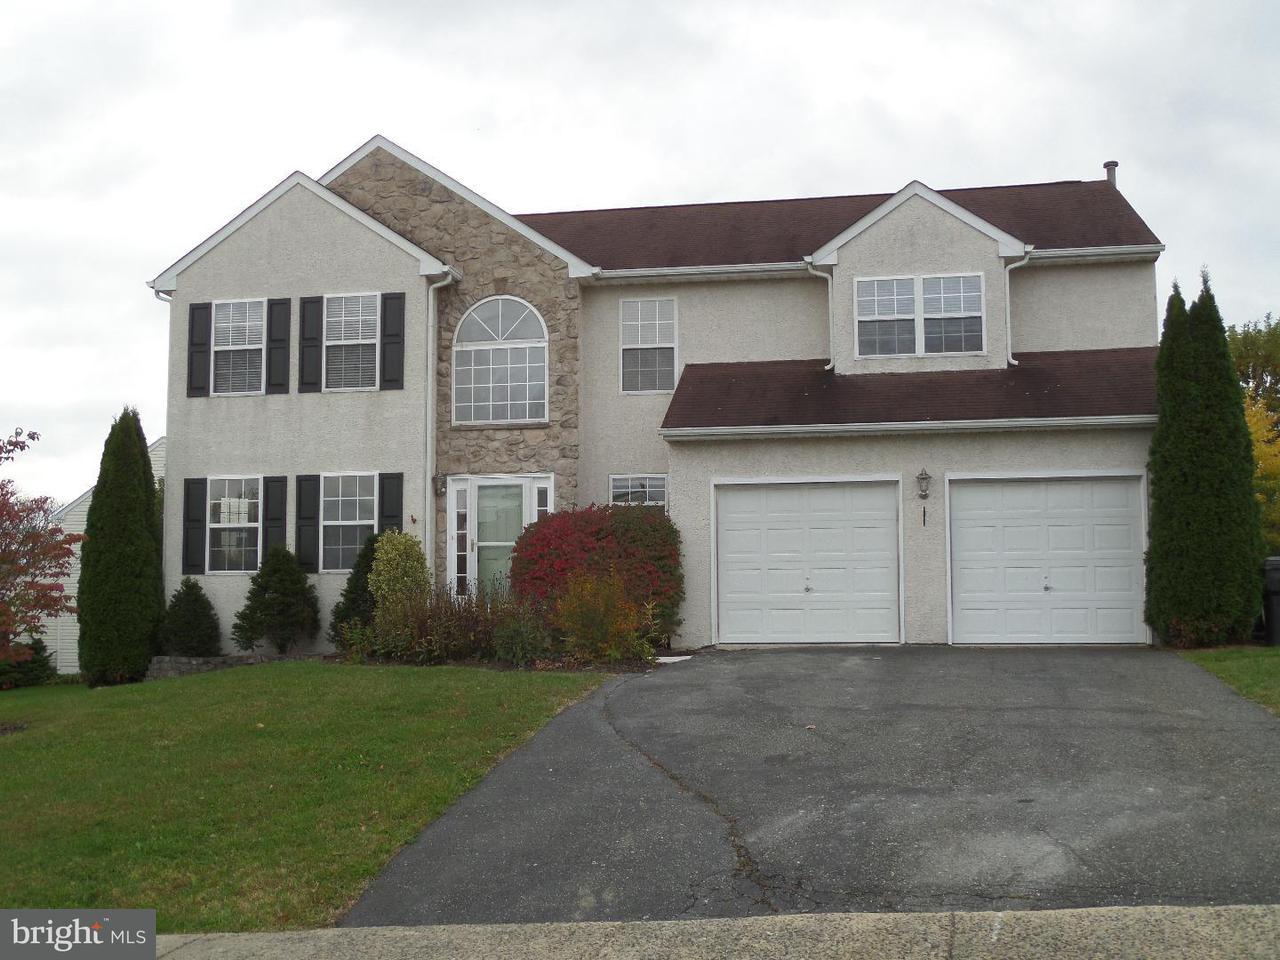 独户住宅 为 出租 在 1514 ASPEN Drive 波茨敦, 宾夕法尼亚州 19464 美国